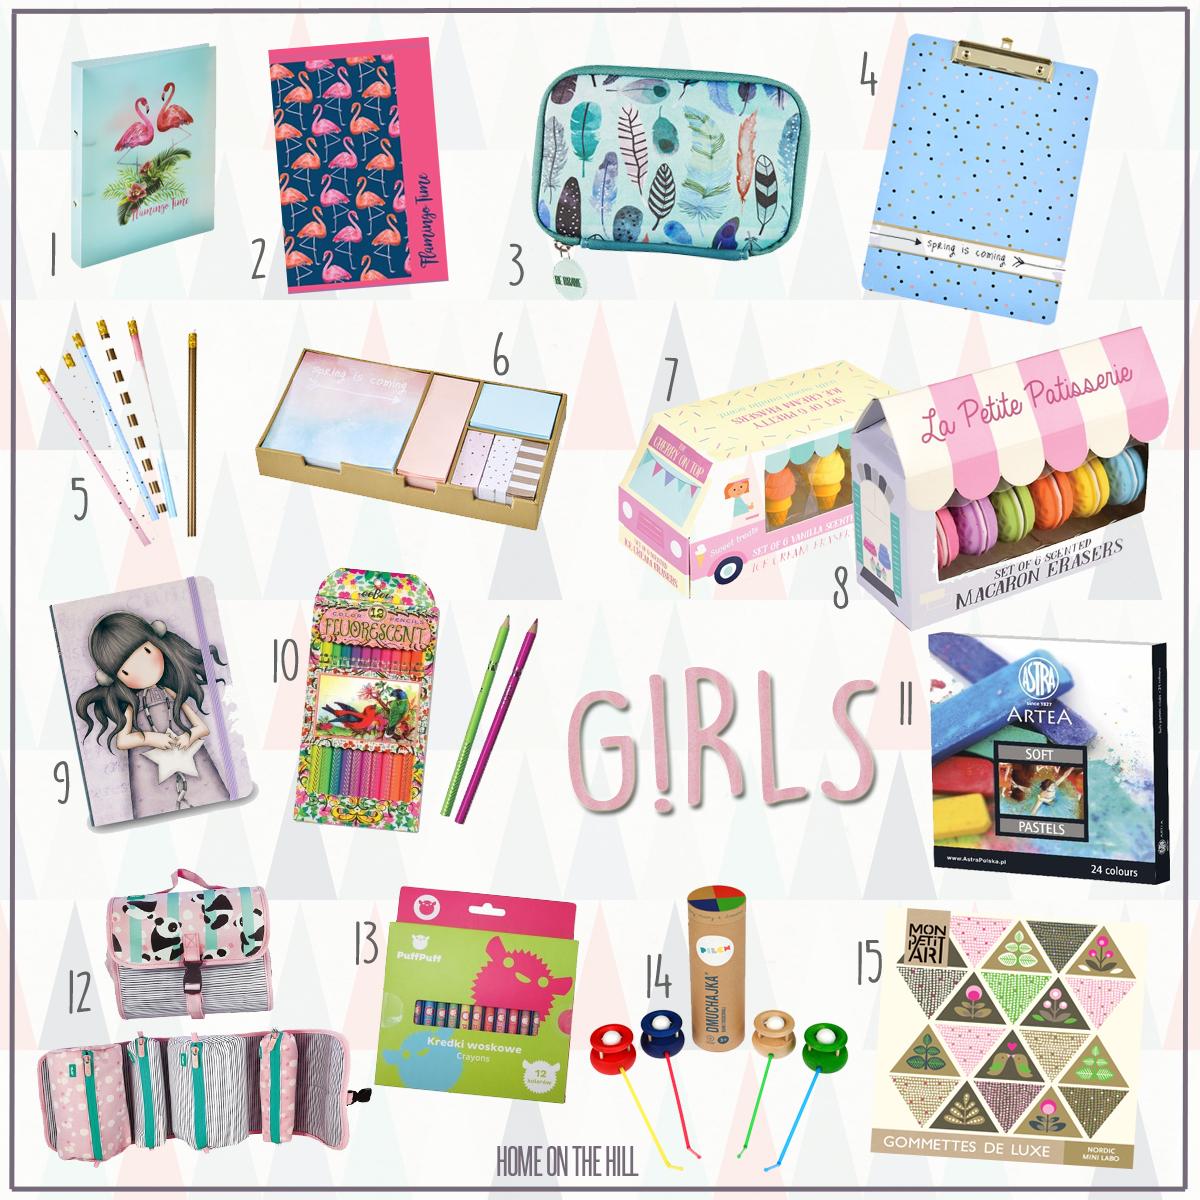 przybory szkolne dla dziewczynki